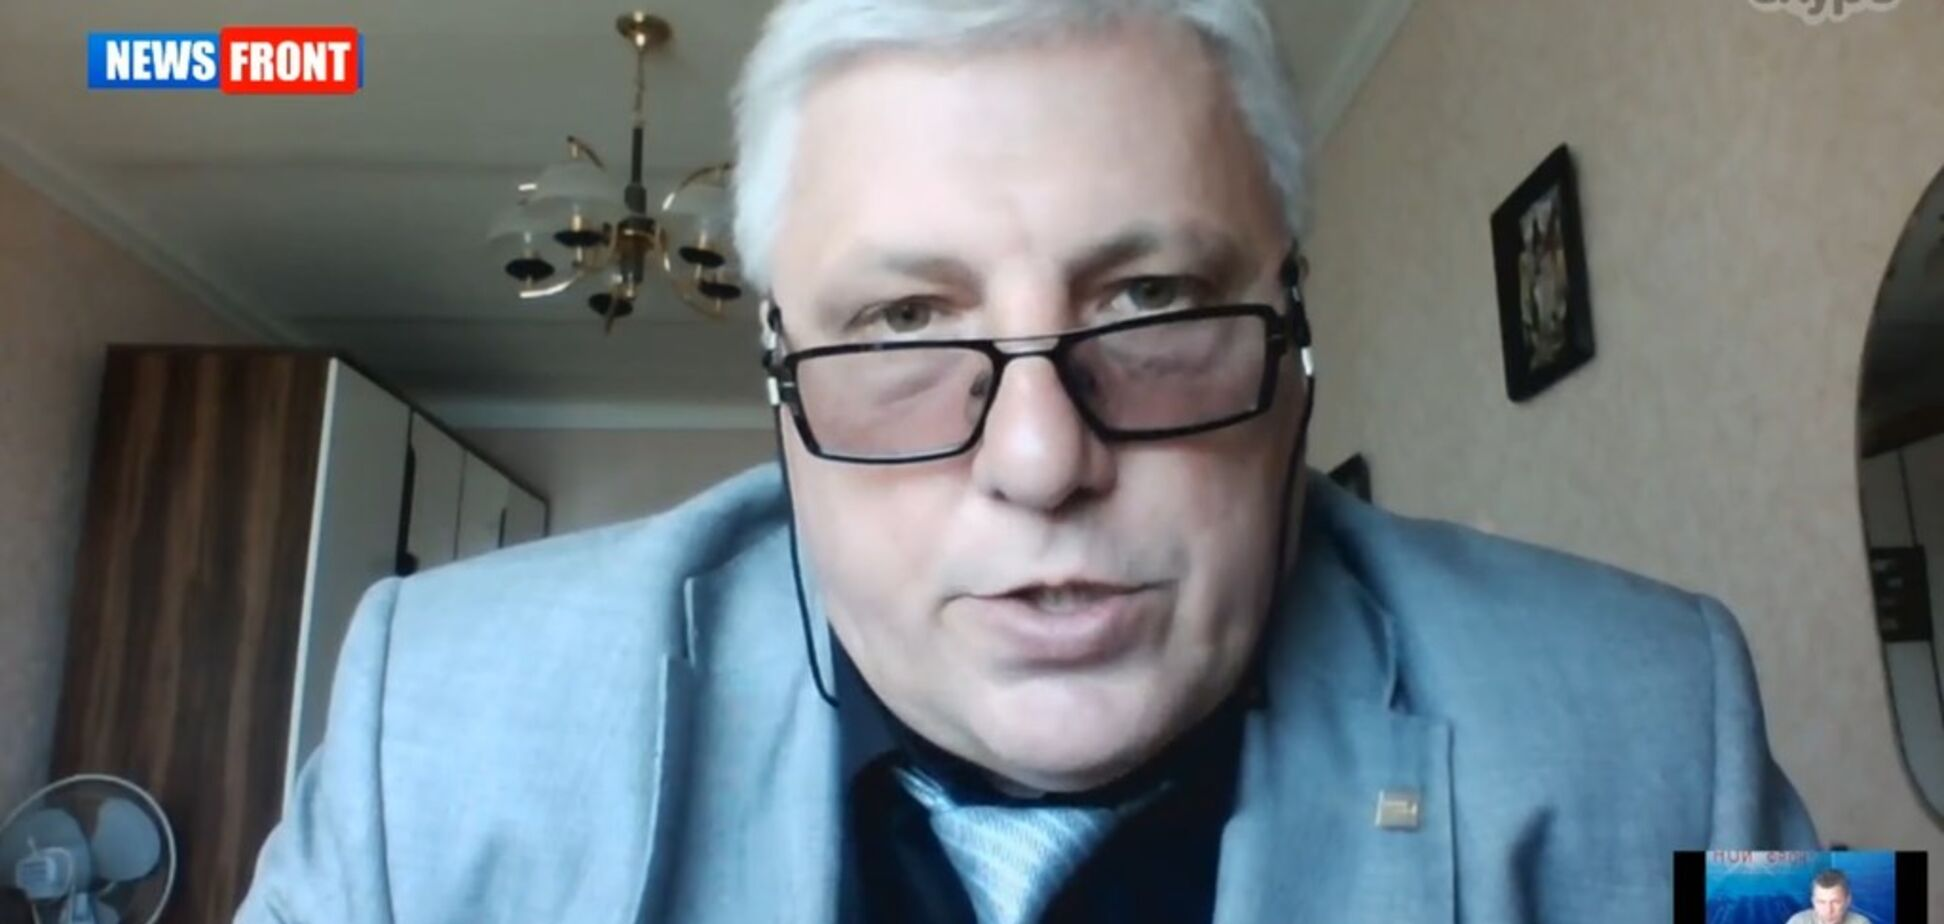 Пішов проти Пушиліна: в Донецьку зник затятий фанат 'російської весни'